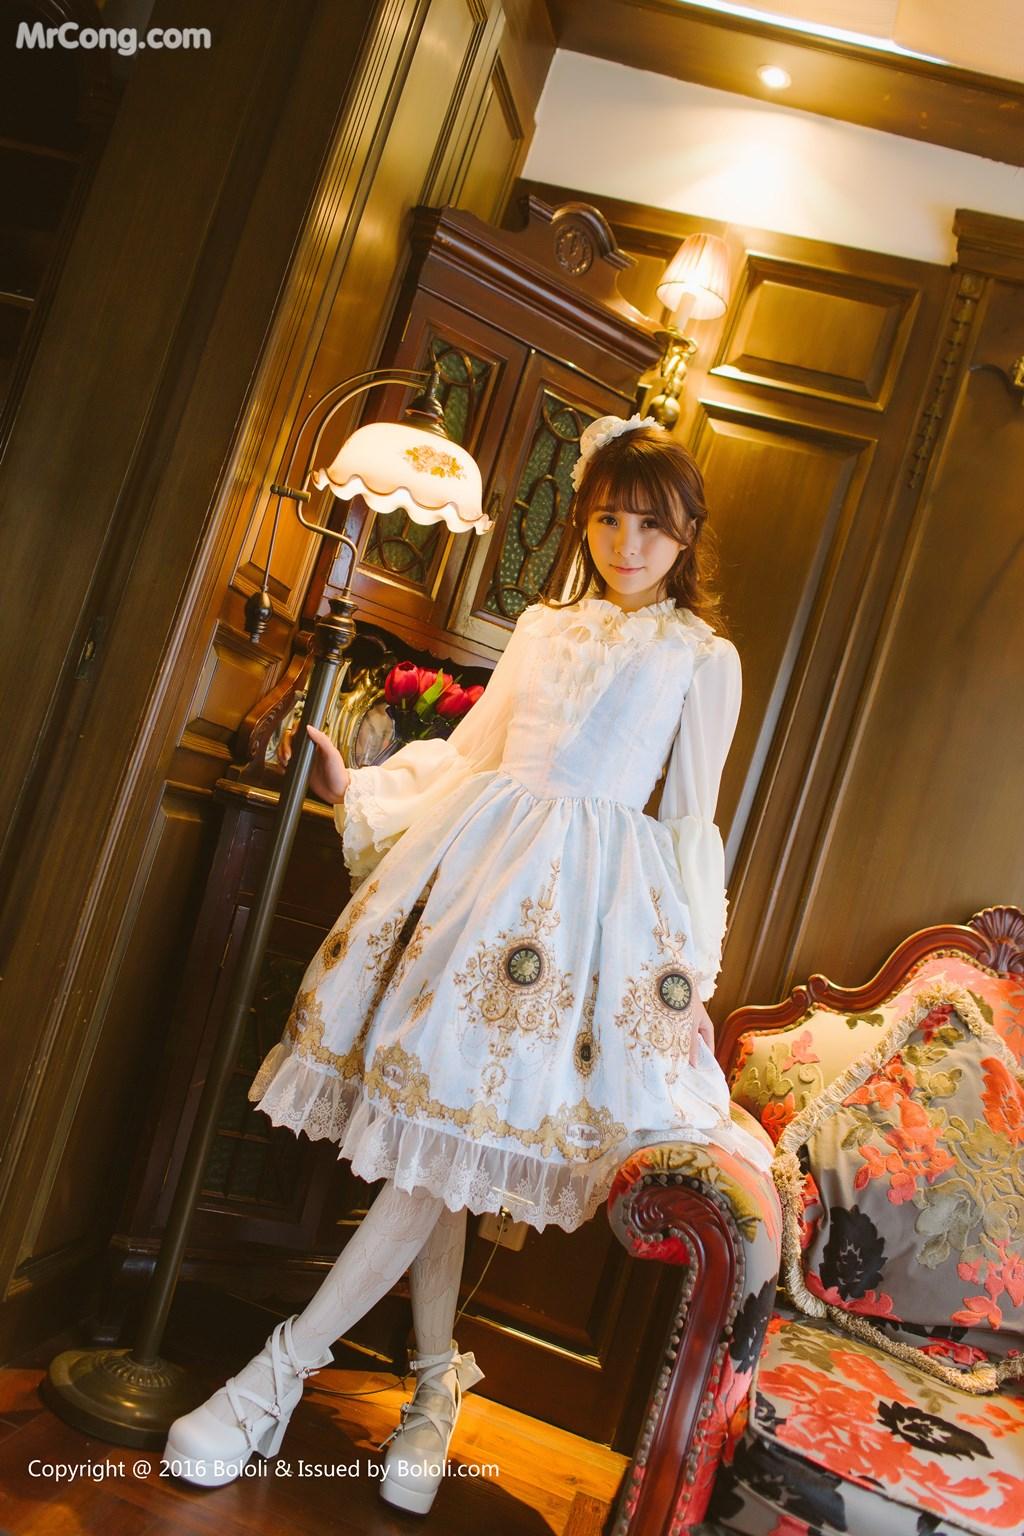 Image Tukmo-Vol.113-Xia-Mei-Jiang-MrCong.com-004 in post Tukmo Vol.113: Người mẫu Xia Mei Jiang (夏美酱) (63 ảnh)